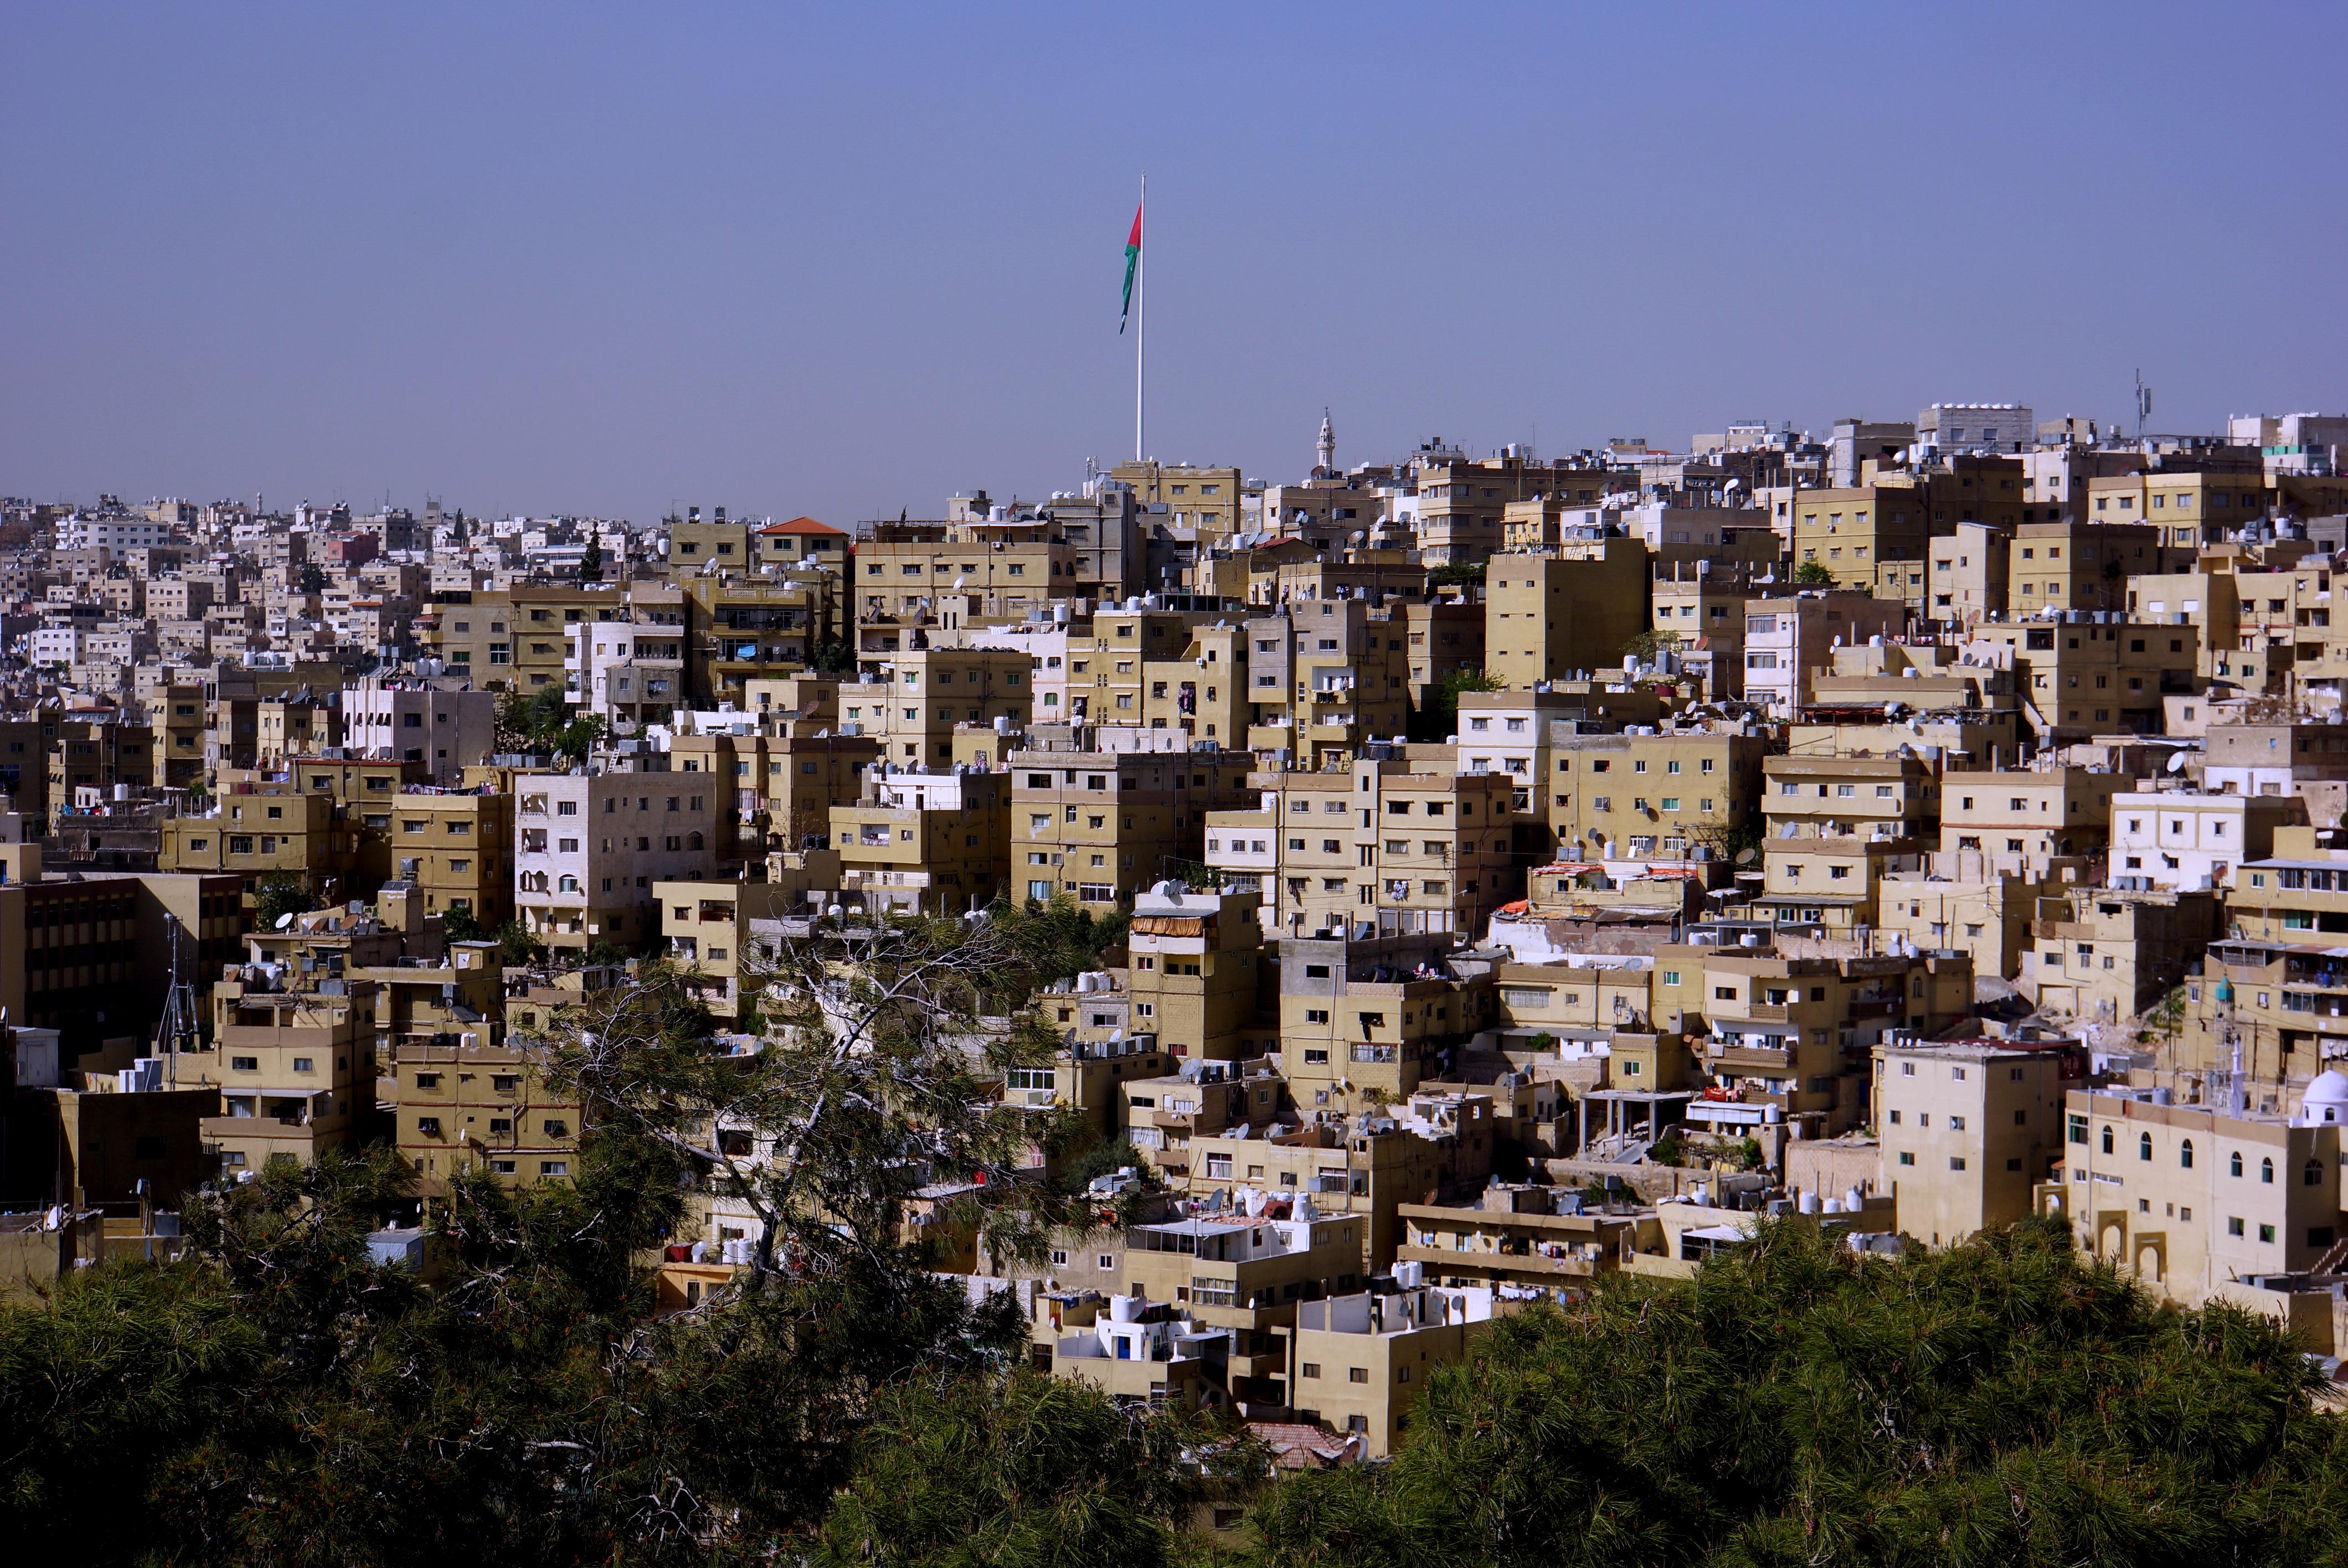 安曼市区  Amman City   -2